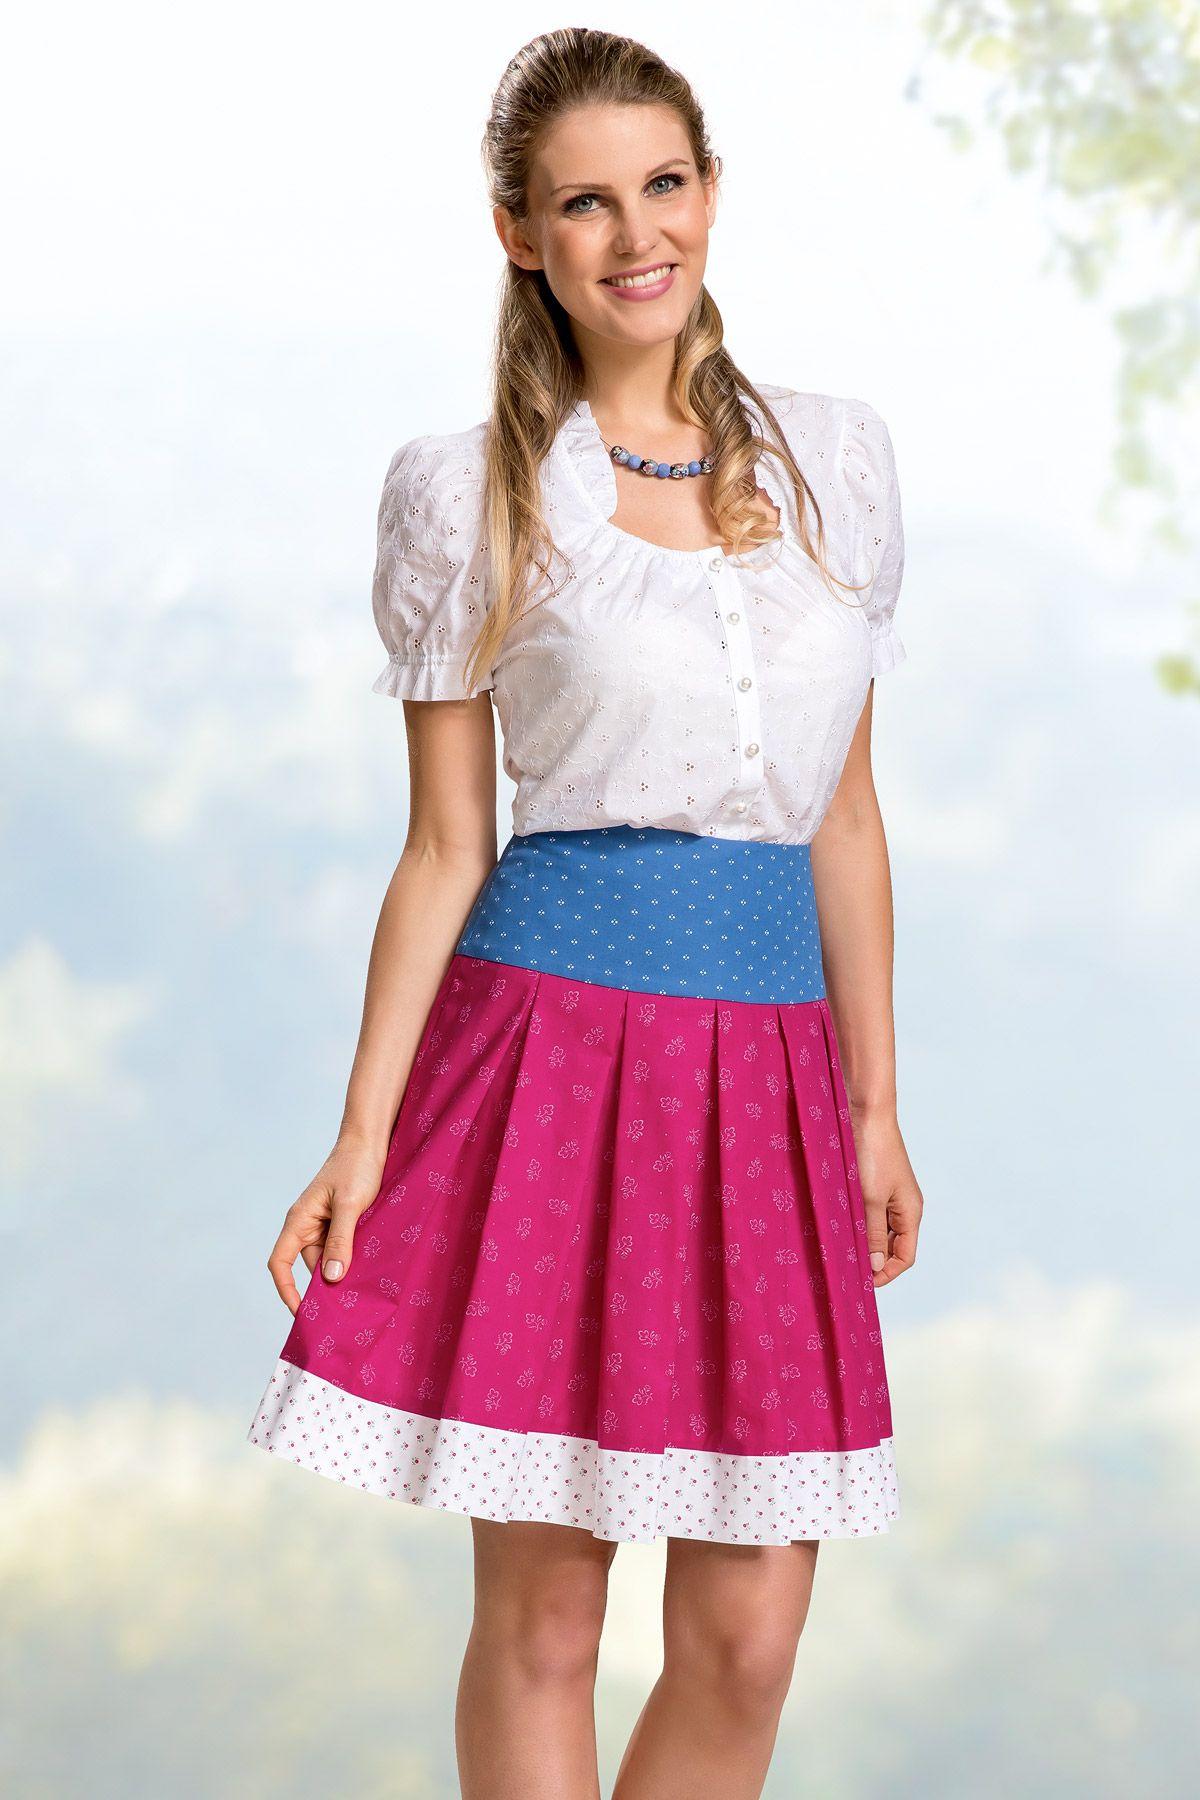 866f75b205492f Trachtenrock Sommer 2019 von Hiebaum midi blau rosa weiß modern sommerlich